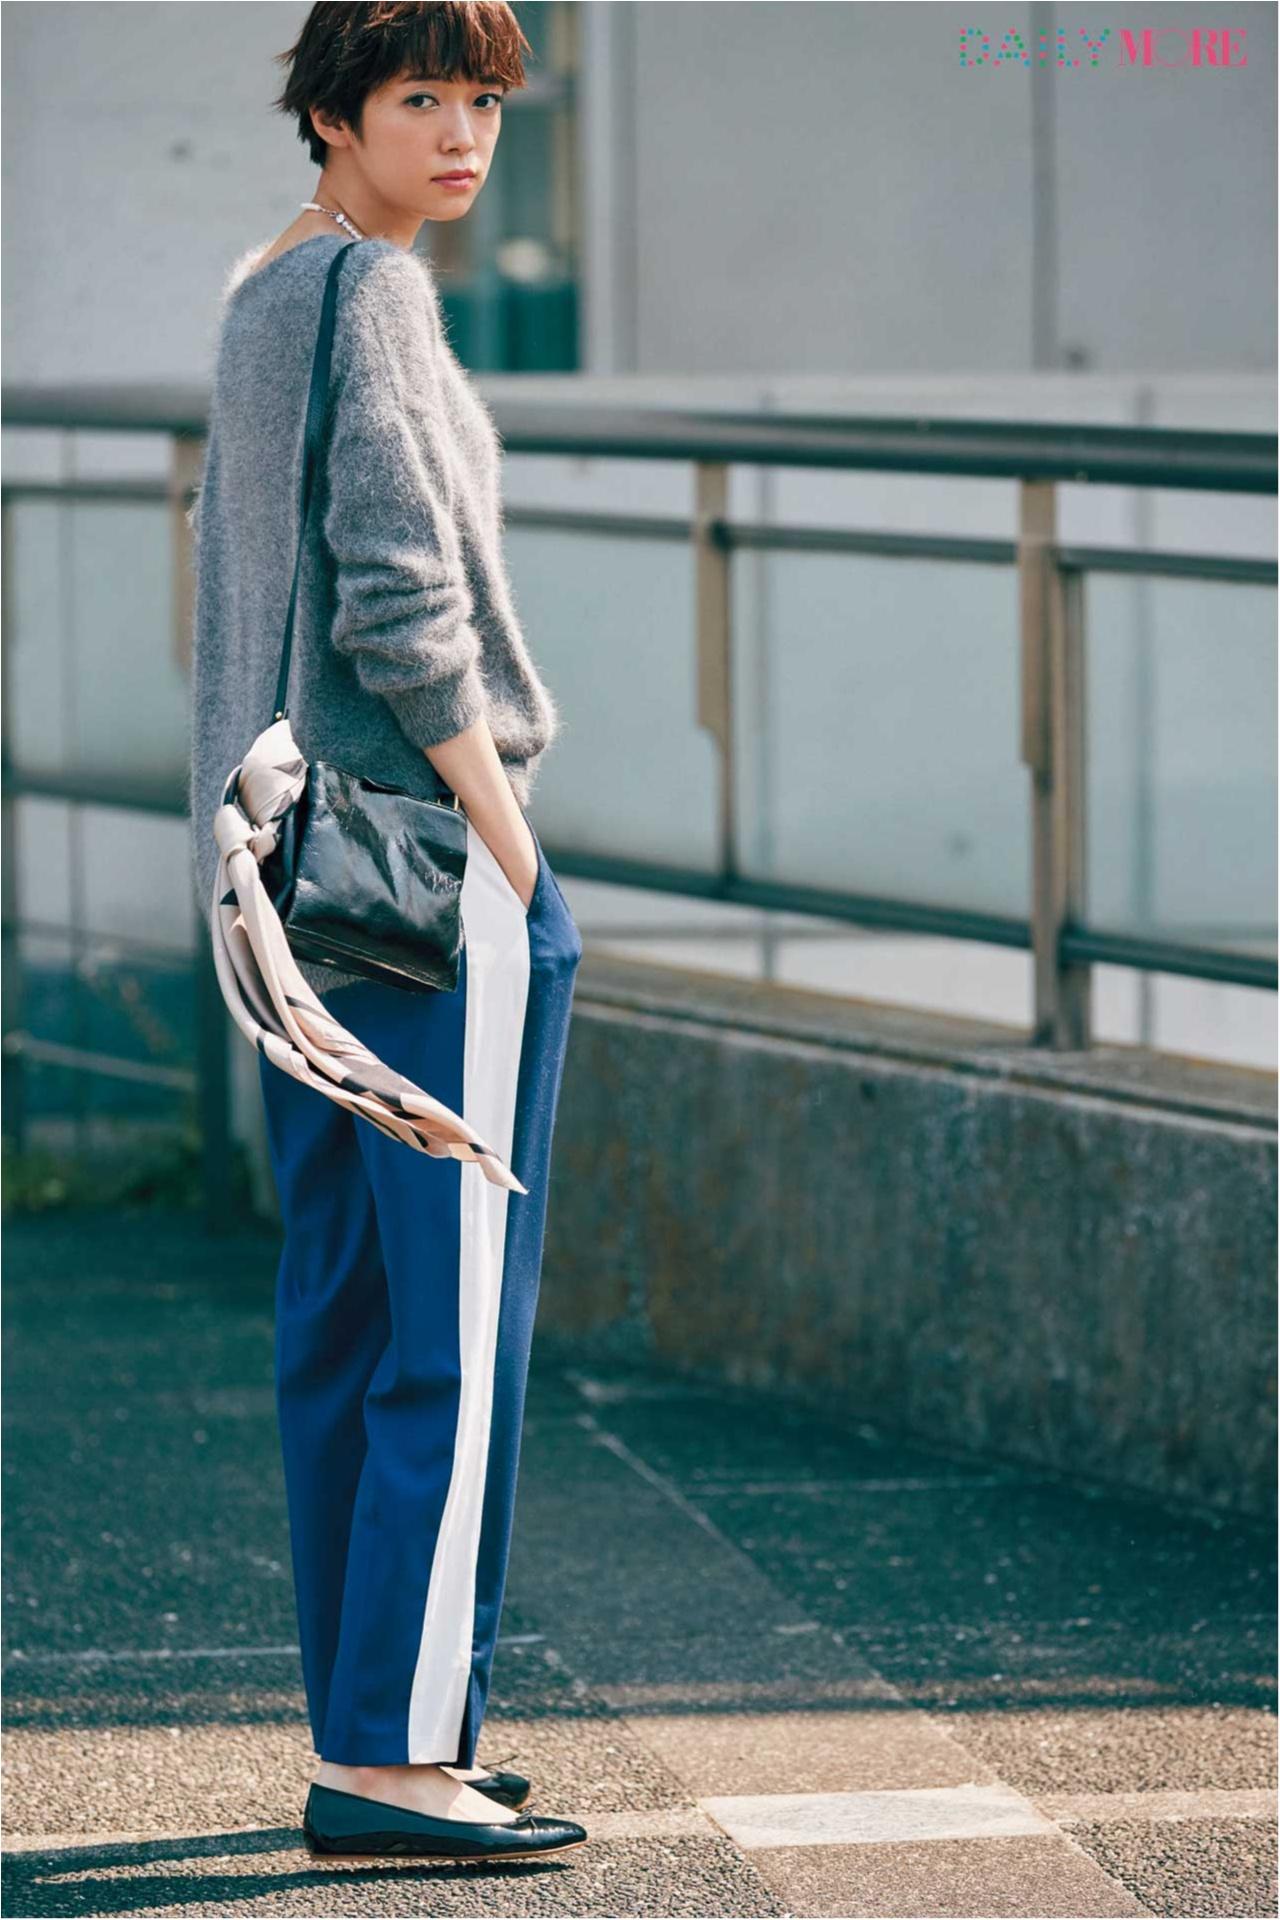 【今日のコーデ/佐藤栞里】サイドラインパンツとゆるふわニットで、ワンマイルコーデの一歩先へ。_1